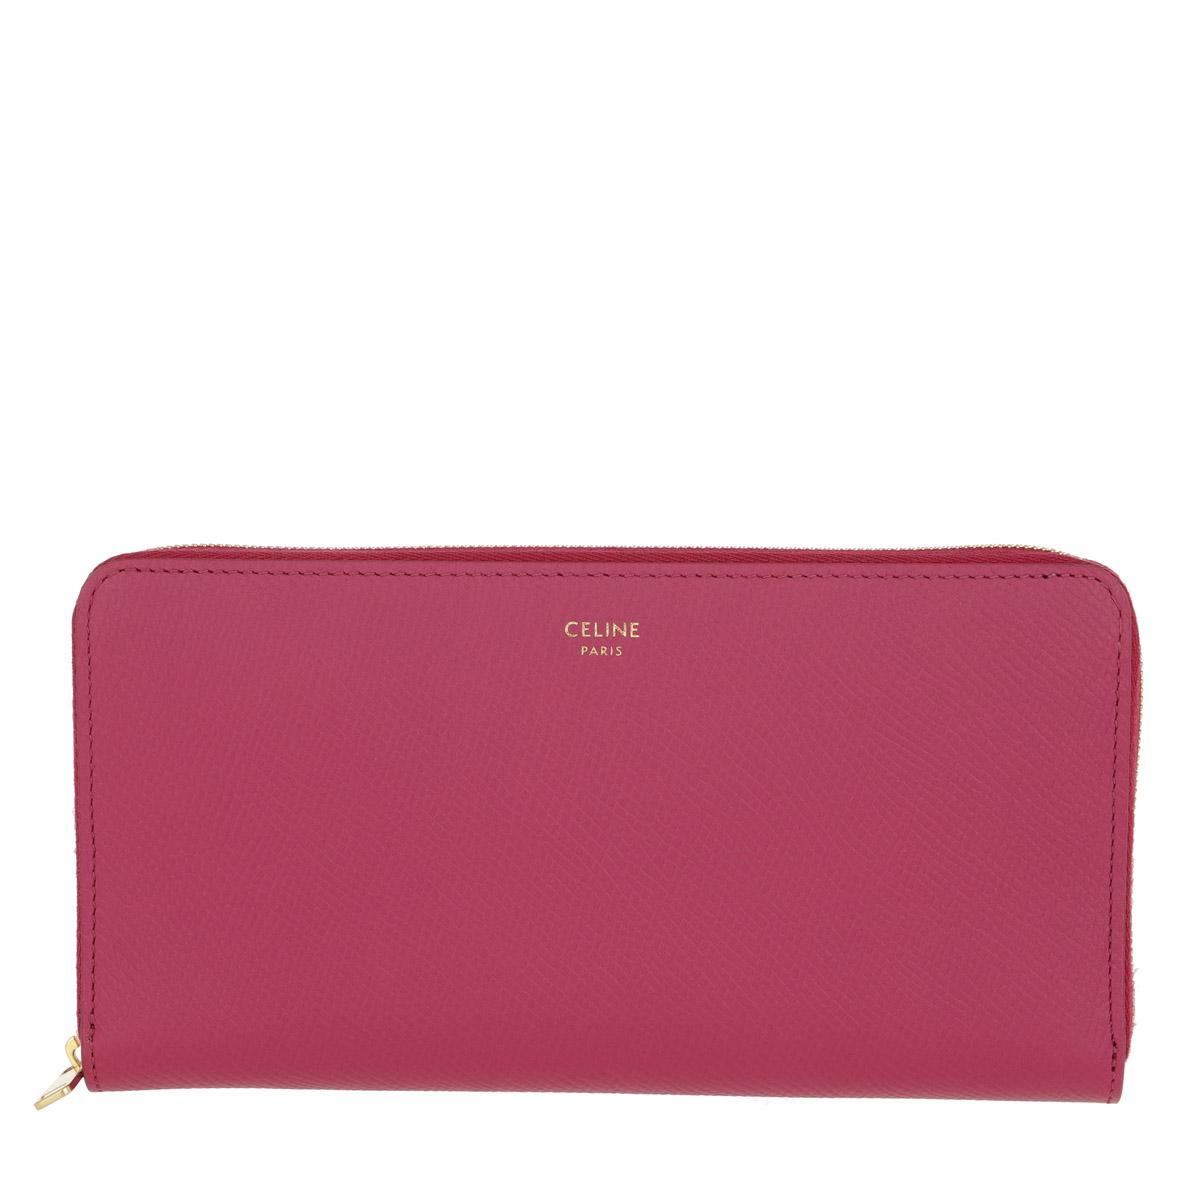 Celine Portemonnaie - Large Zipped Wallet Grained Calfskin Pink - in pink - für Damen